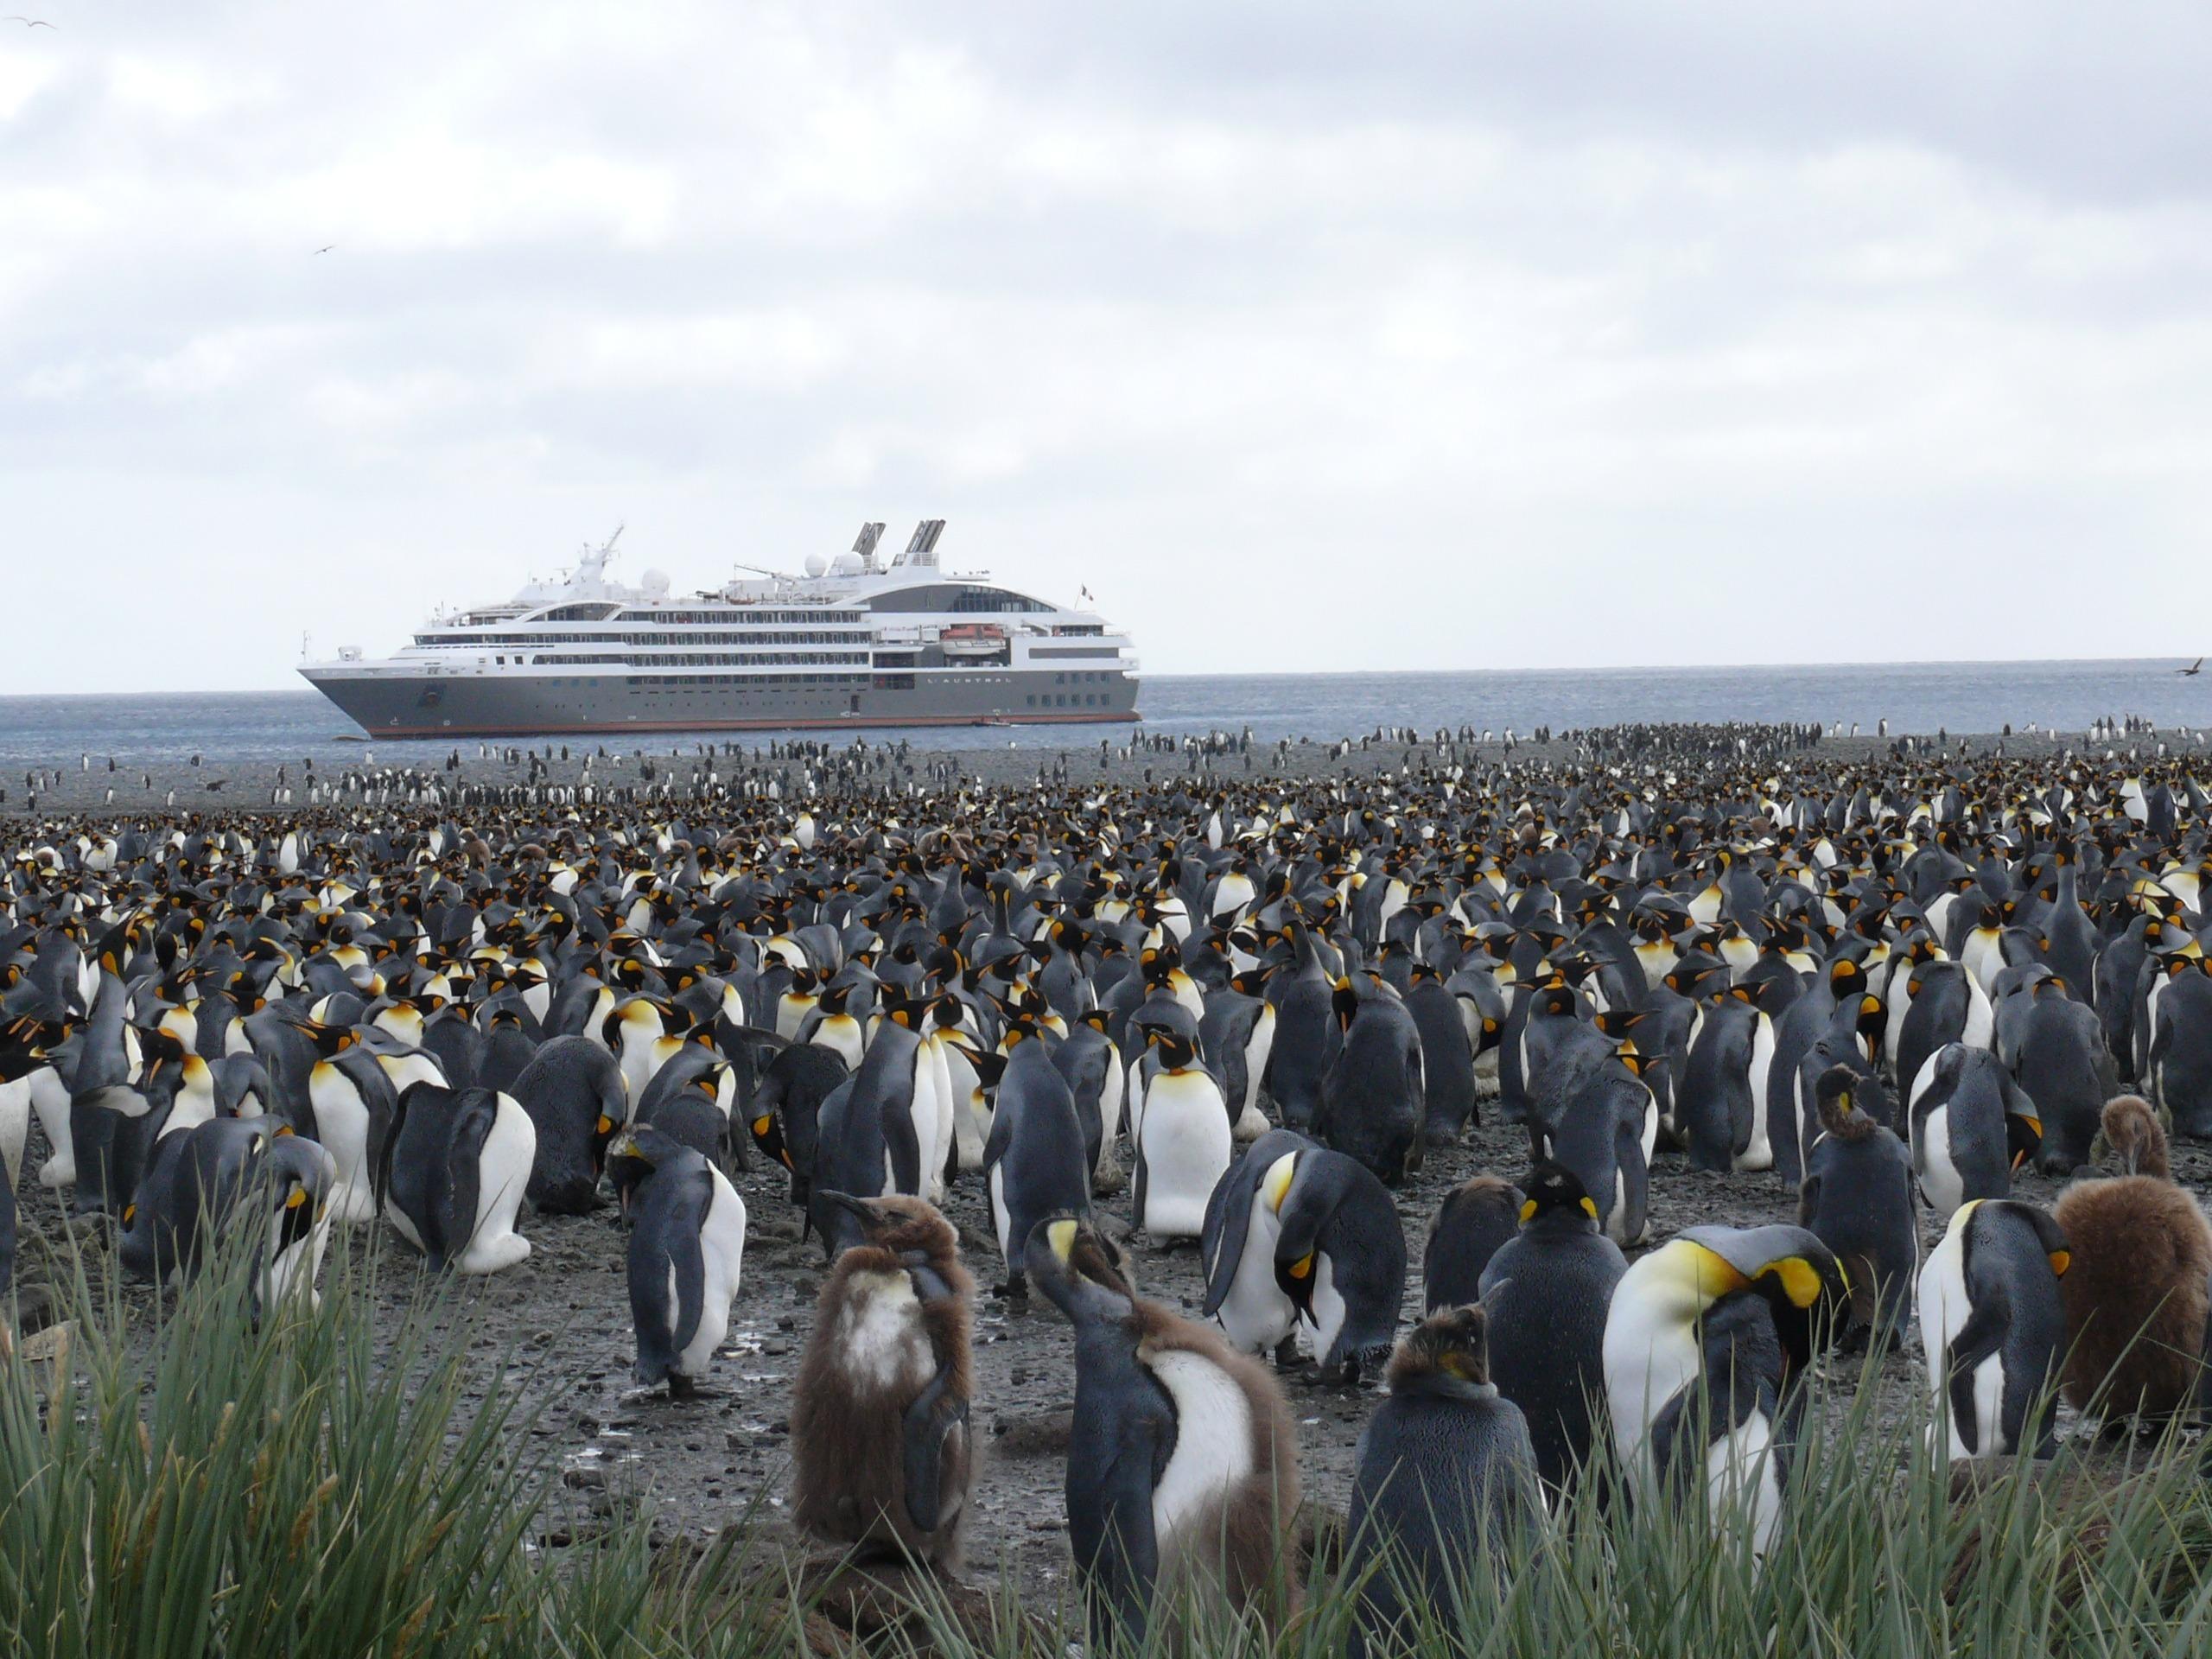 Navio de cruzeiro passa próximo à ilha repleta de pinguins imperadores, na Antártica